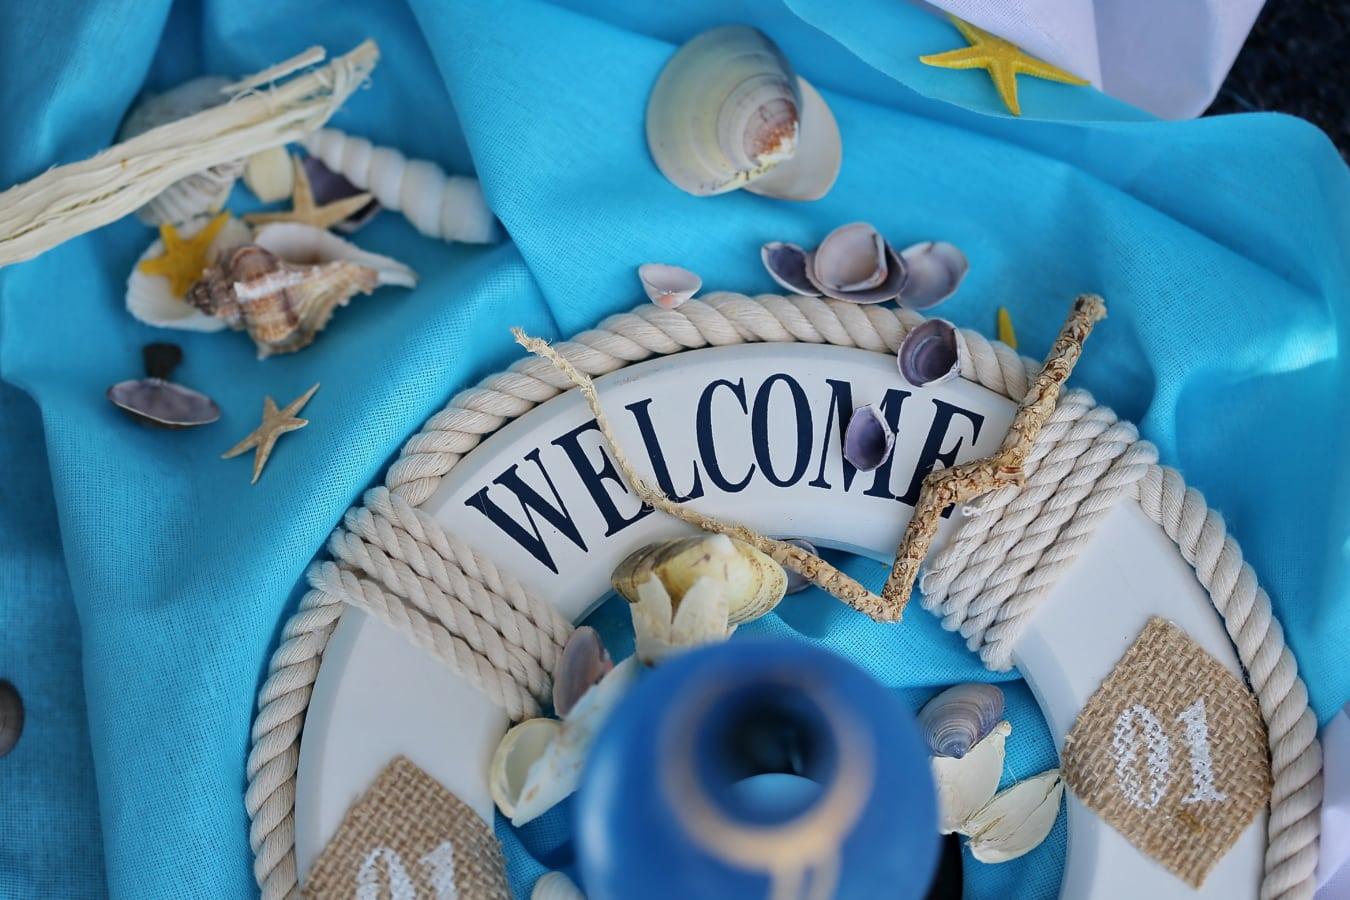 nature morte, bienvenue, gilet de sauvetage, coquillage, conception, bleu, décoration d'intérieur, traditionnel, fait main, coton